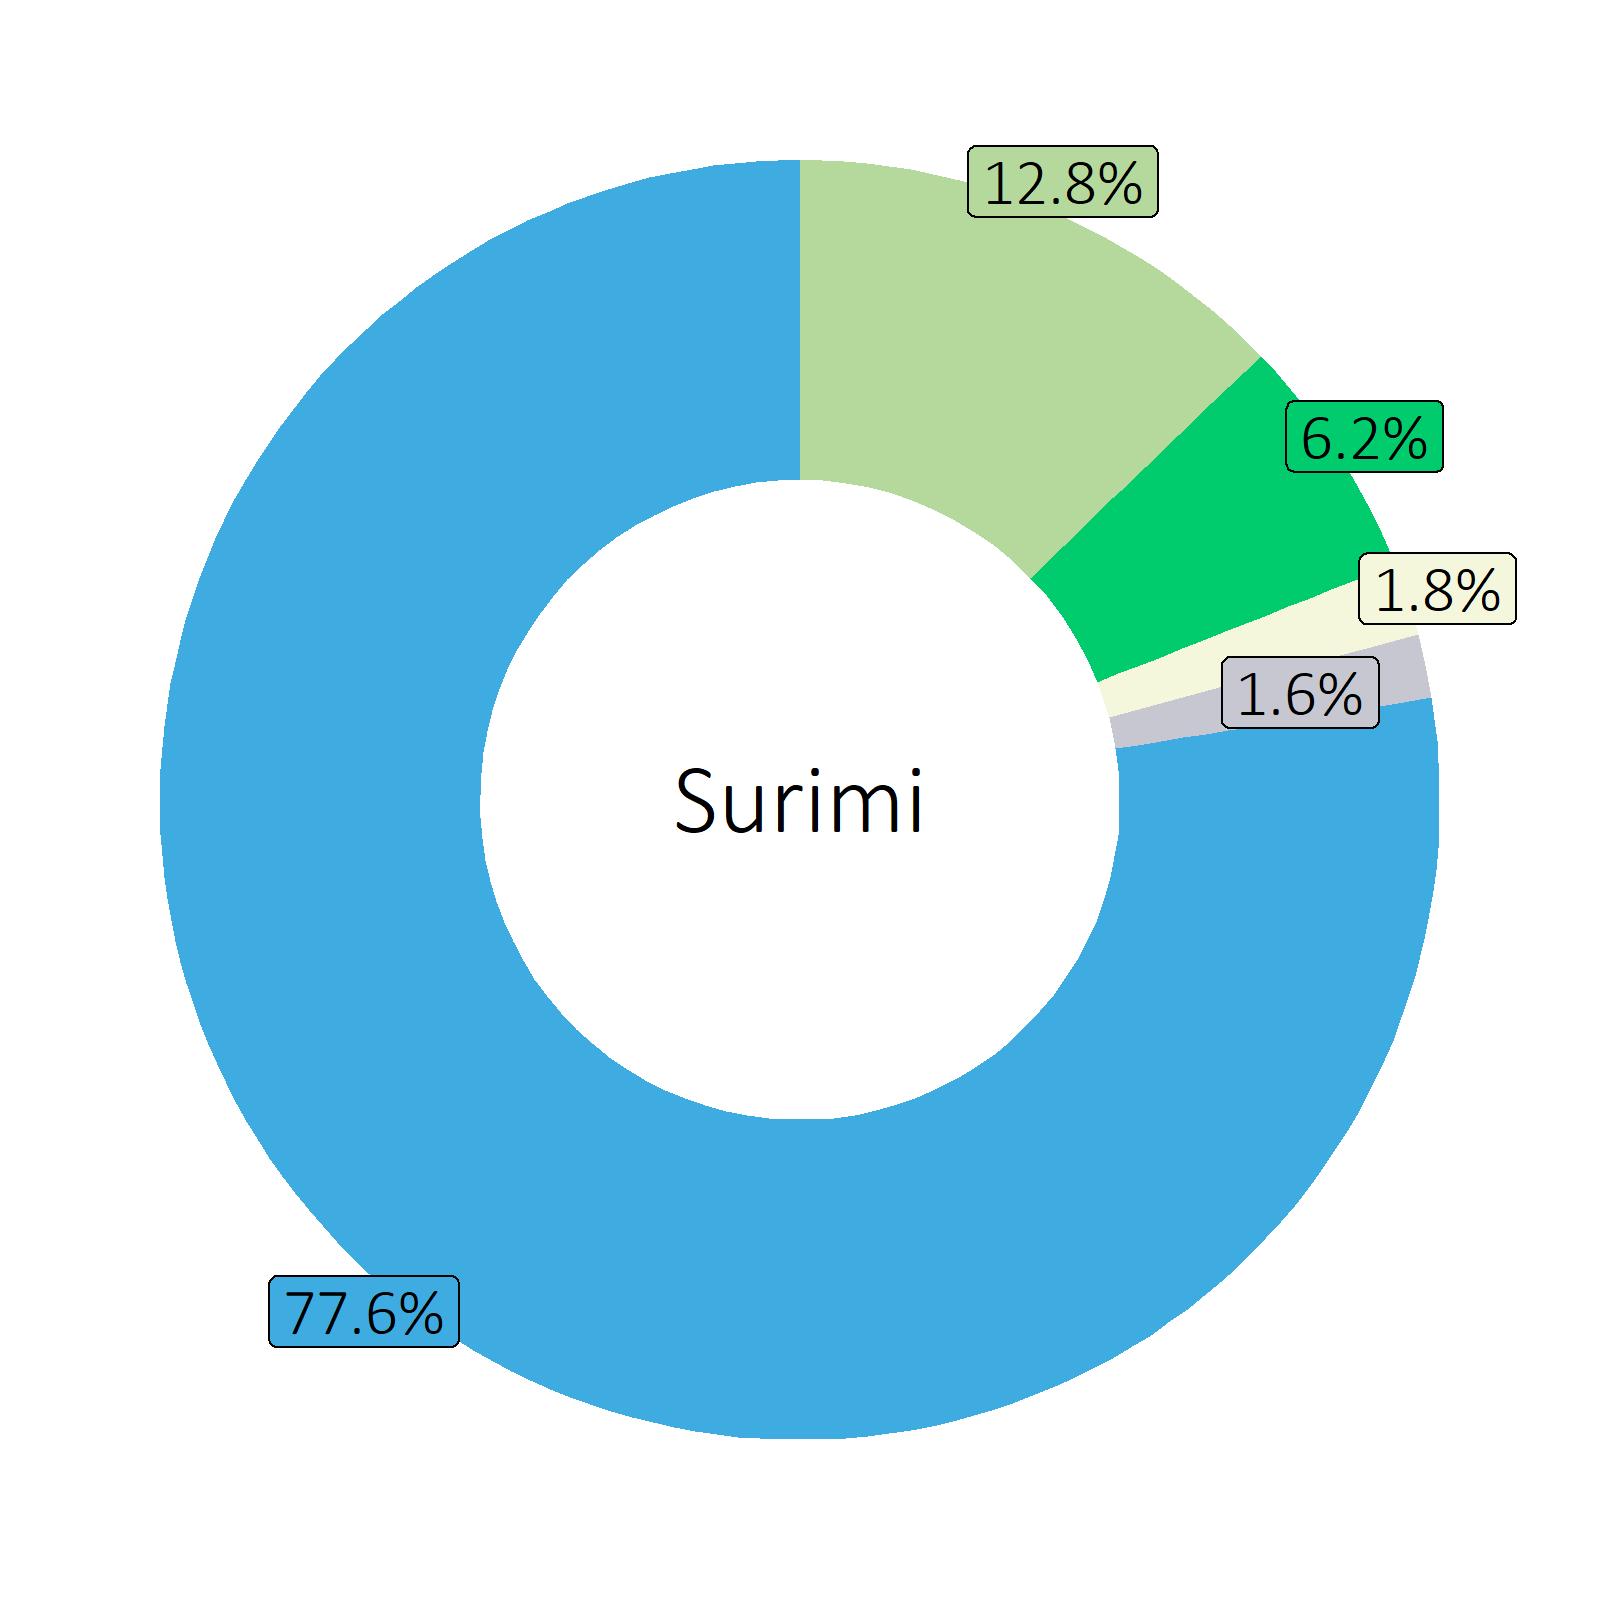 Bestandteile Surimi